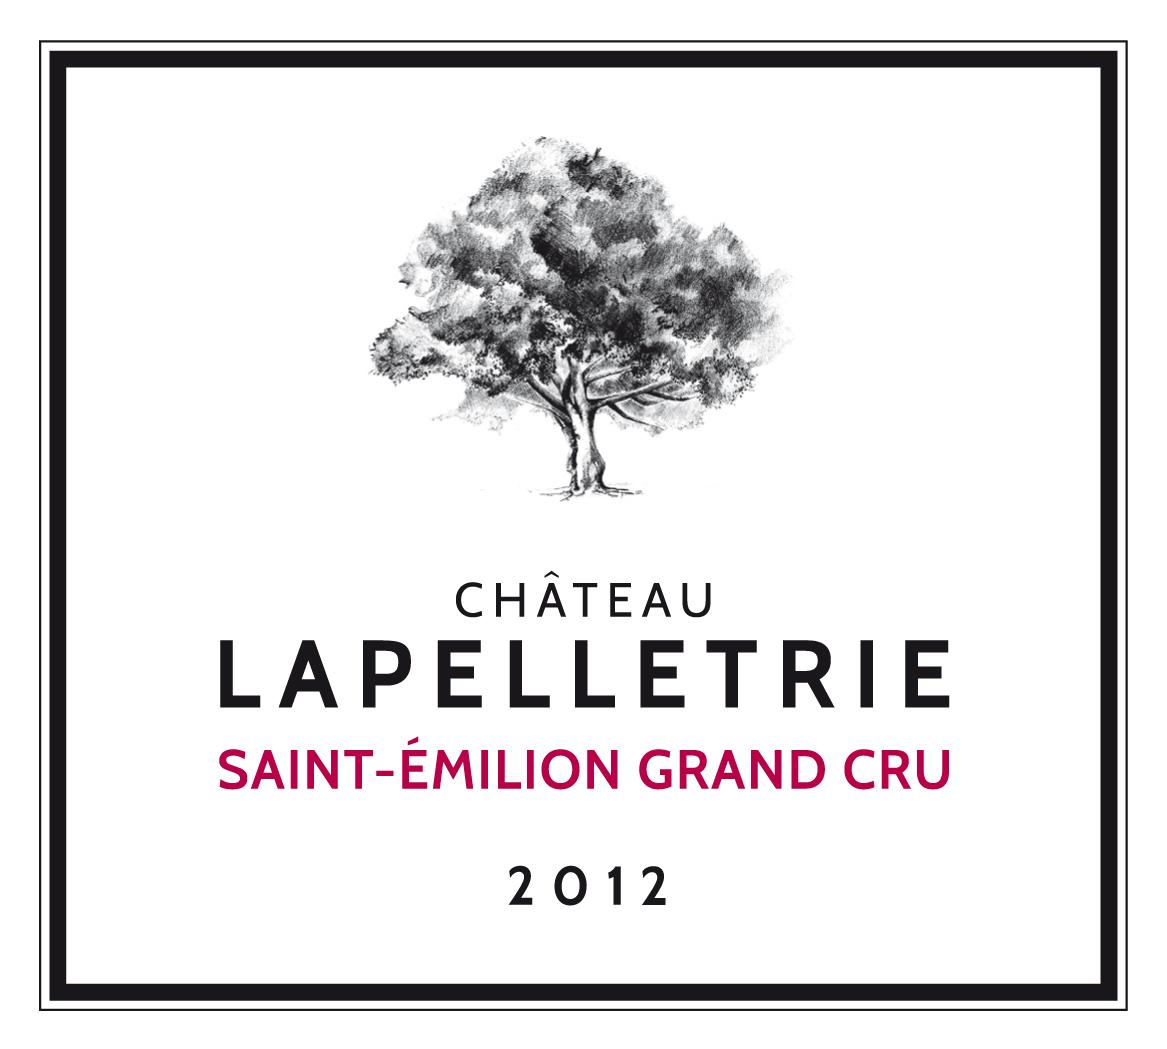 lapelletrie-etiquette-2012